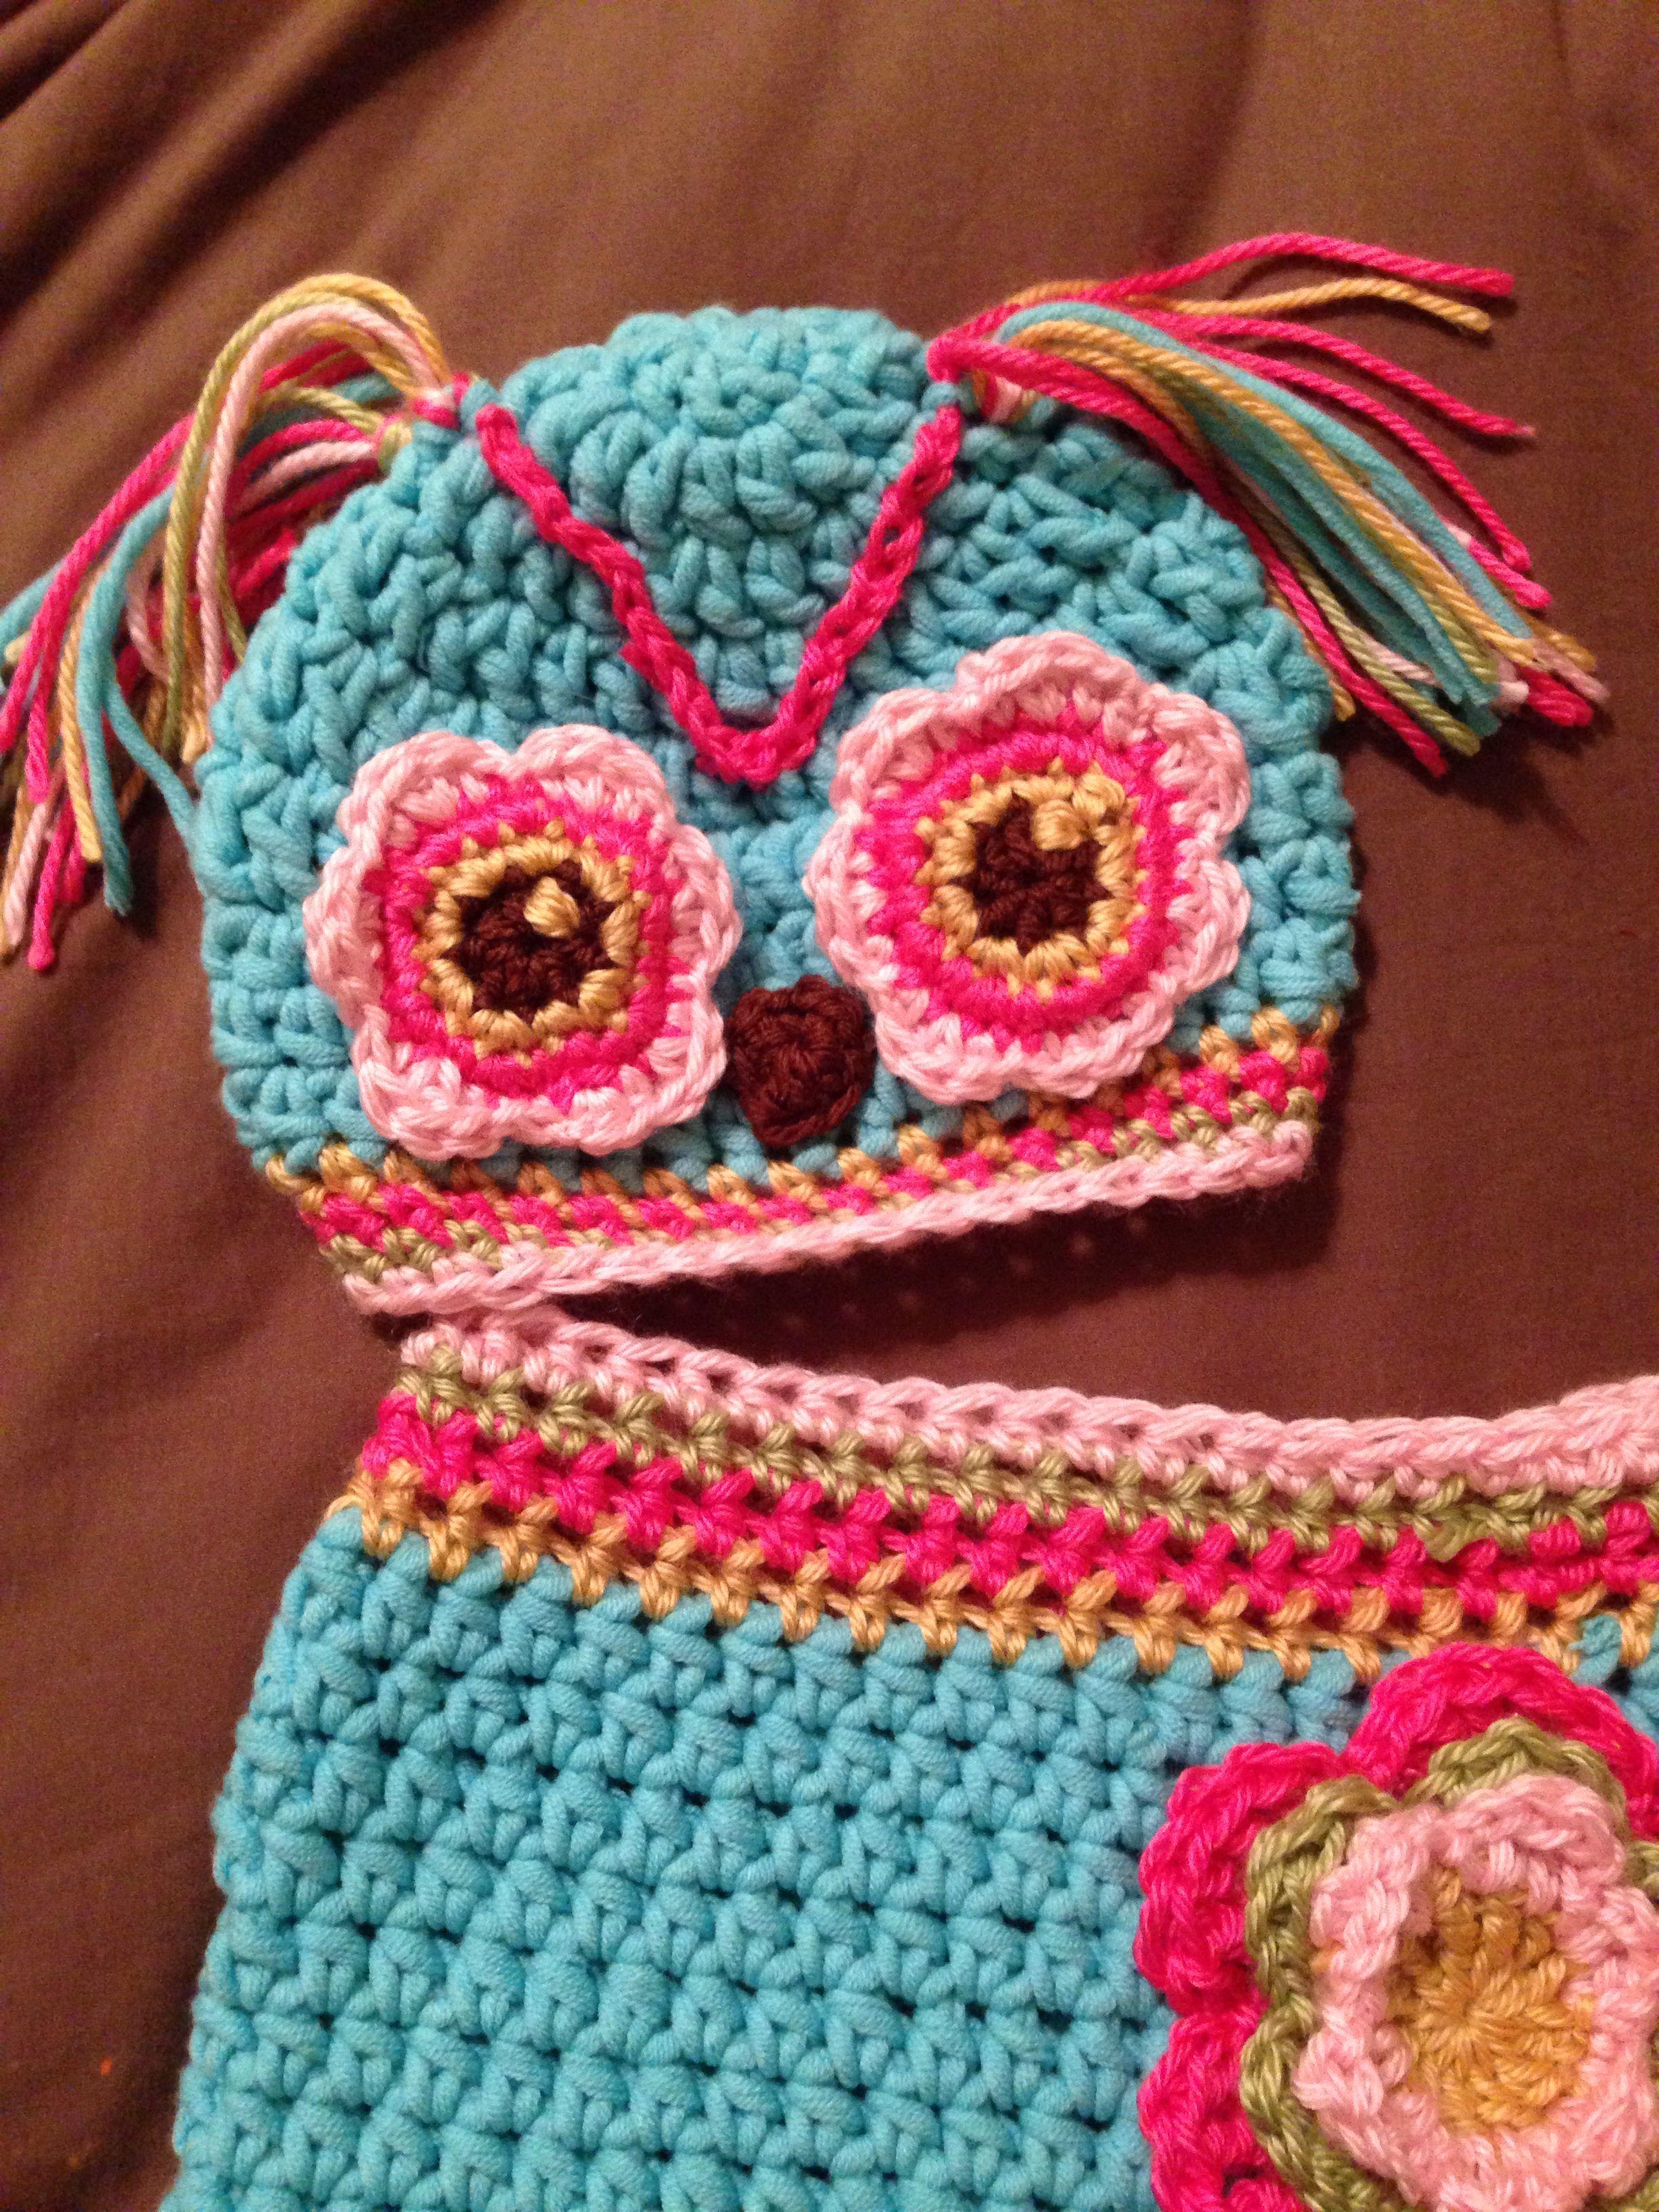 Crochet baby cocoon | tejidos | Pinterest | Tejido, Ganchillo y Bebe